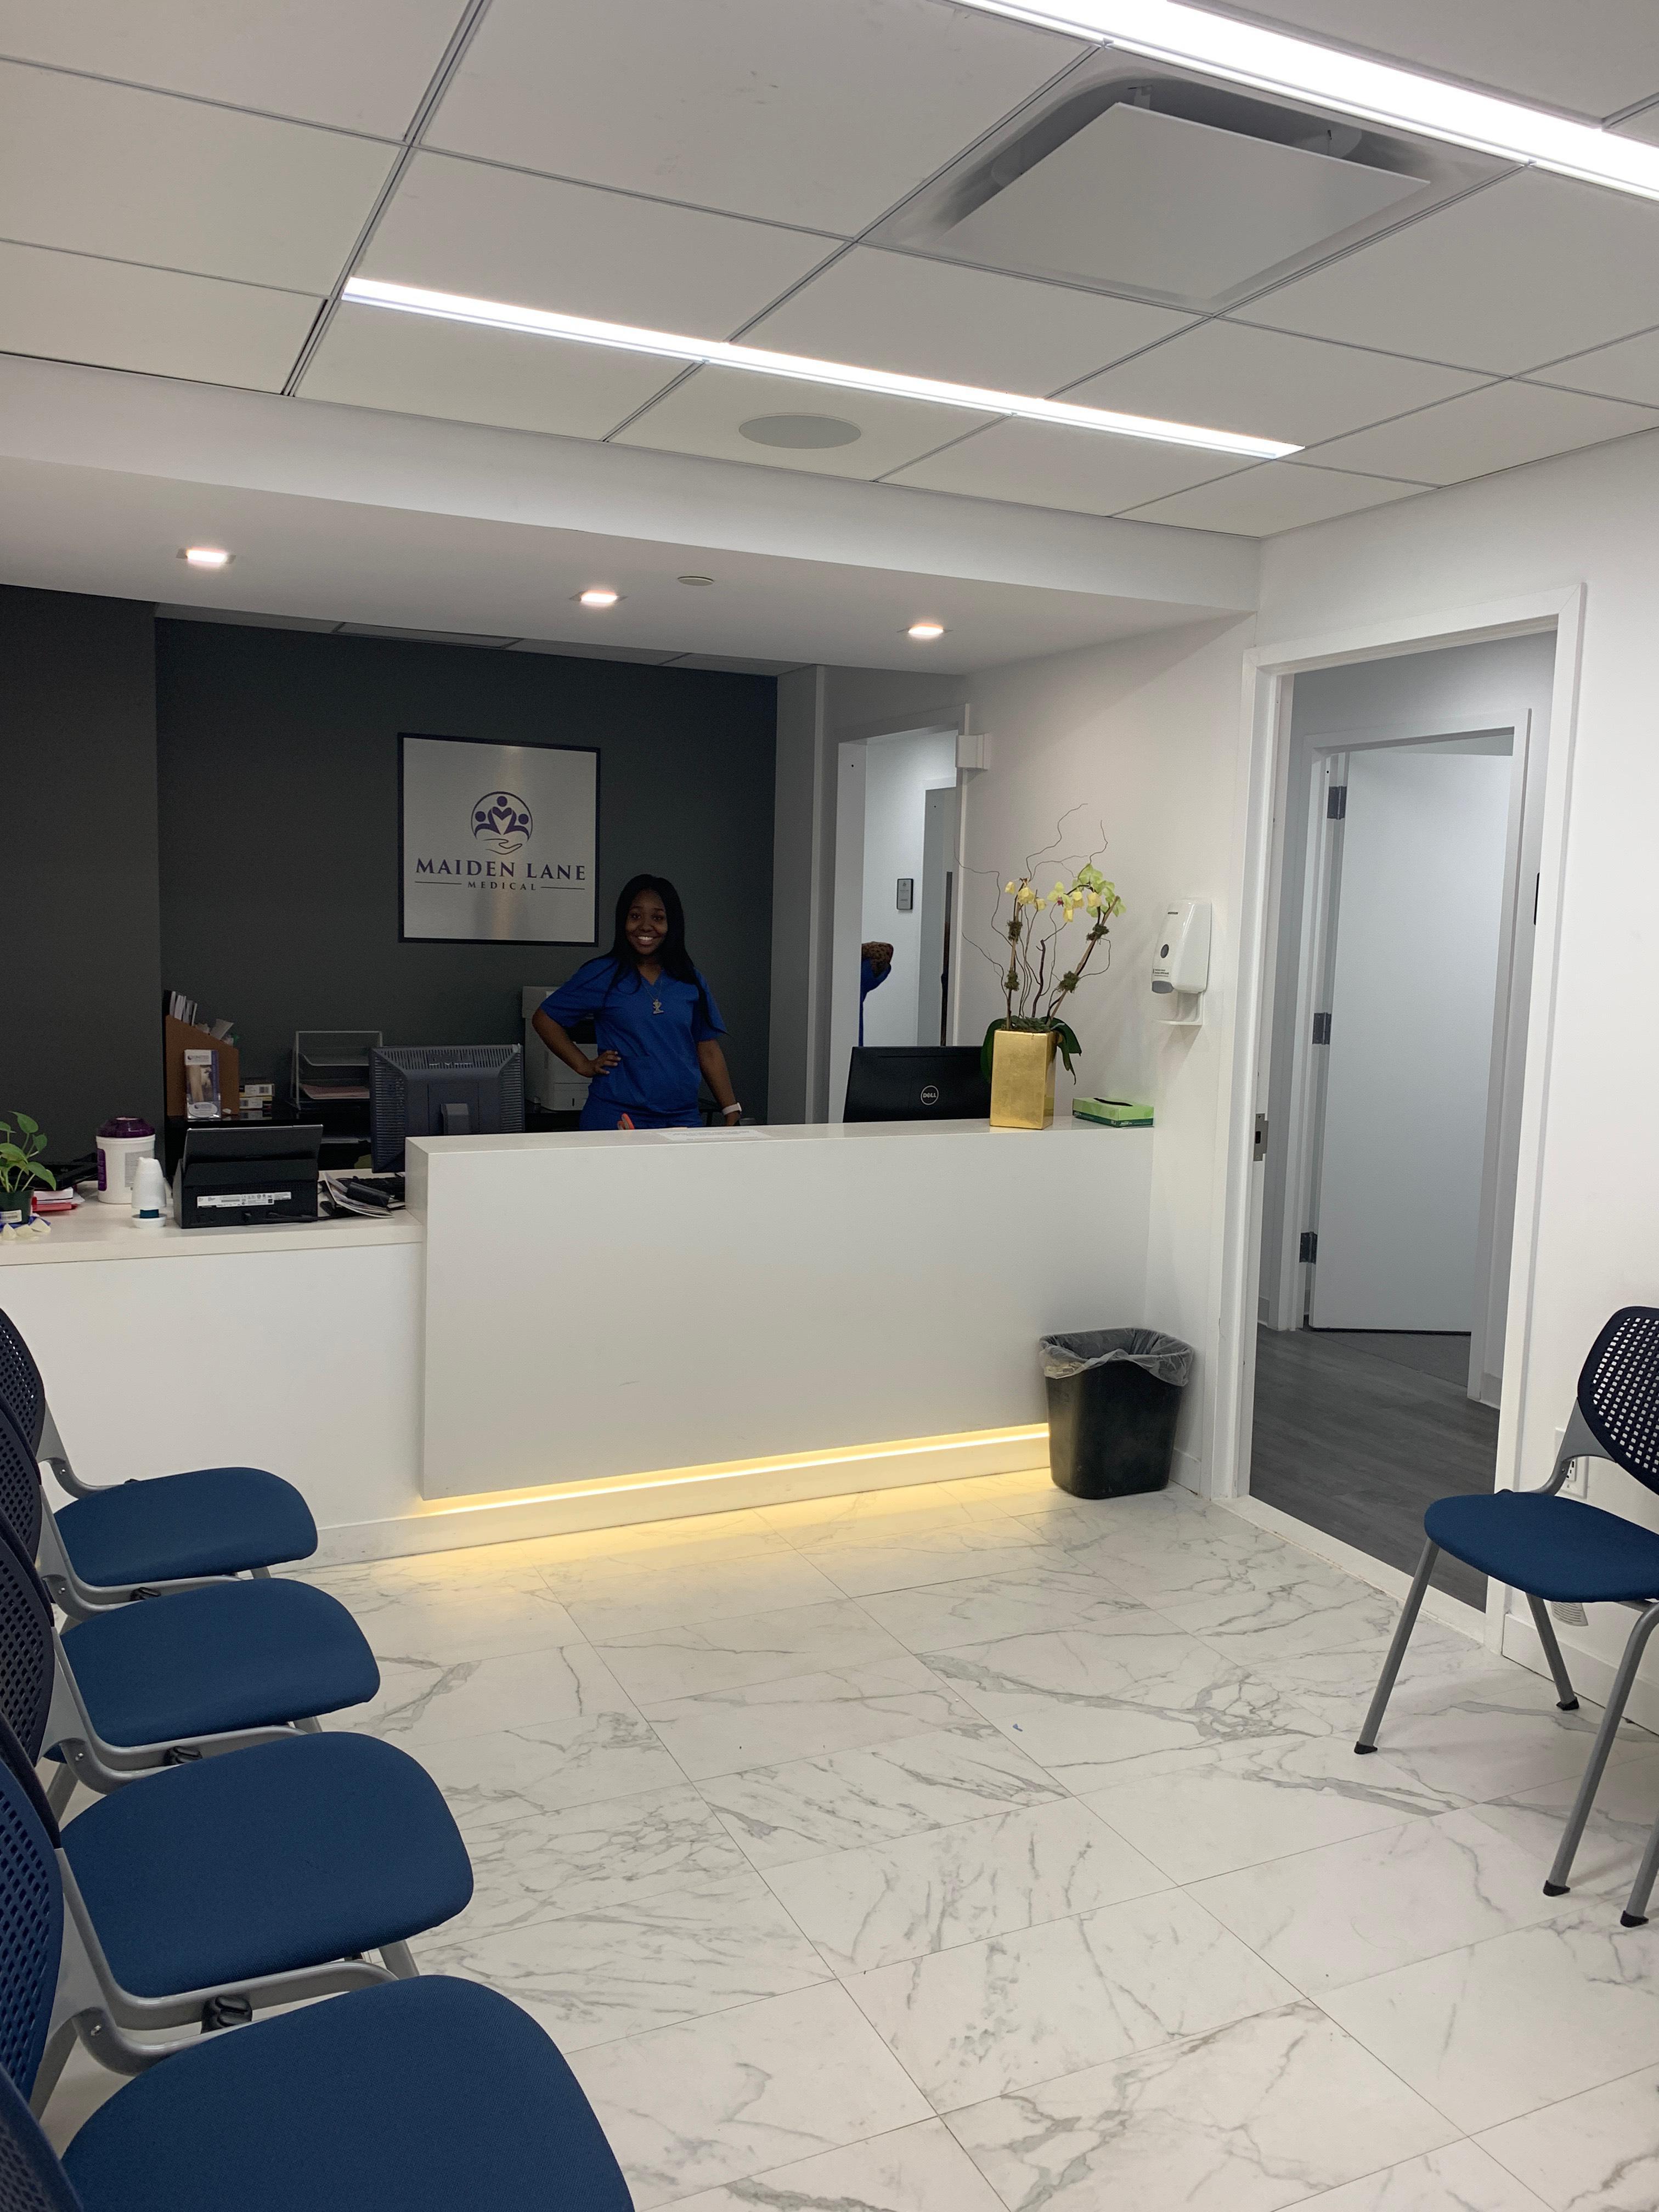 Maiden Lane Medical Upper East Side image 0